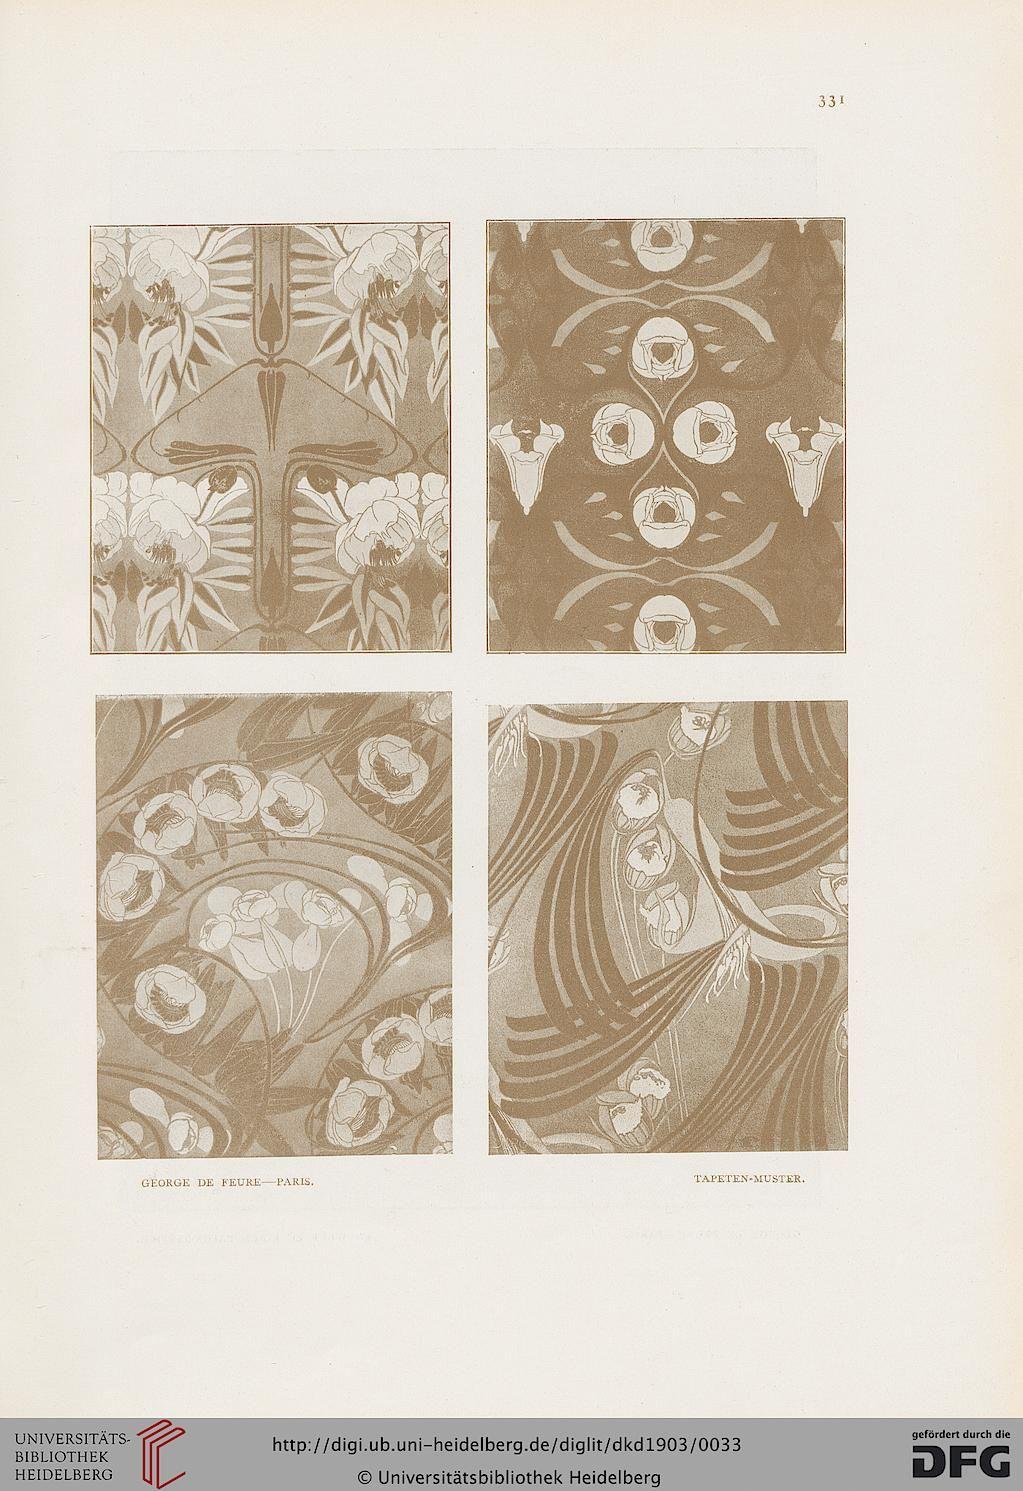 Deutsche Kunst und Dekoration [German Art and Decoration] magazine, Volume 12, 1903.